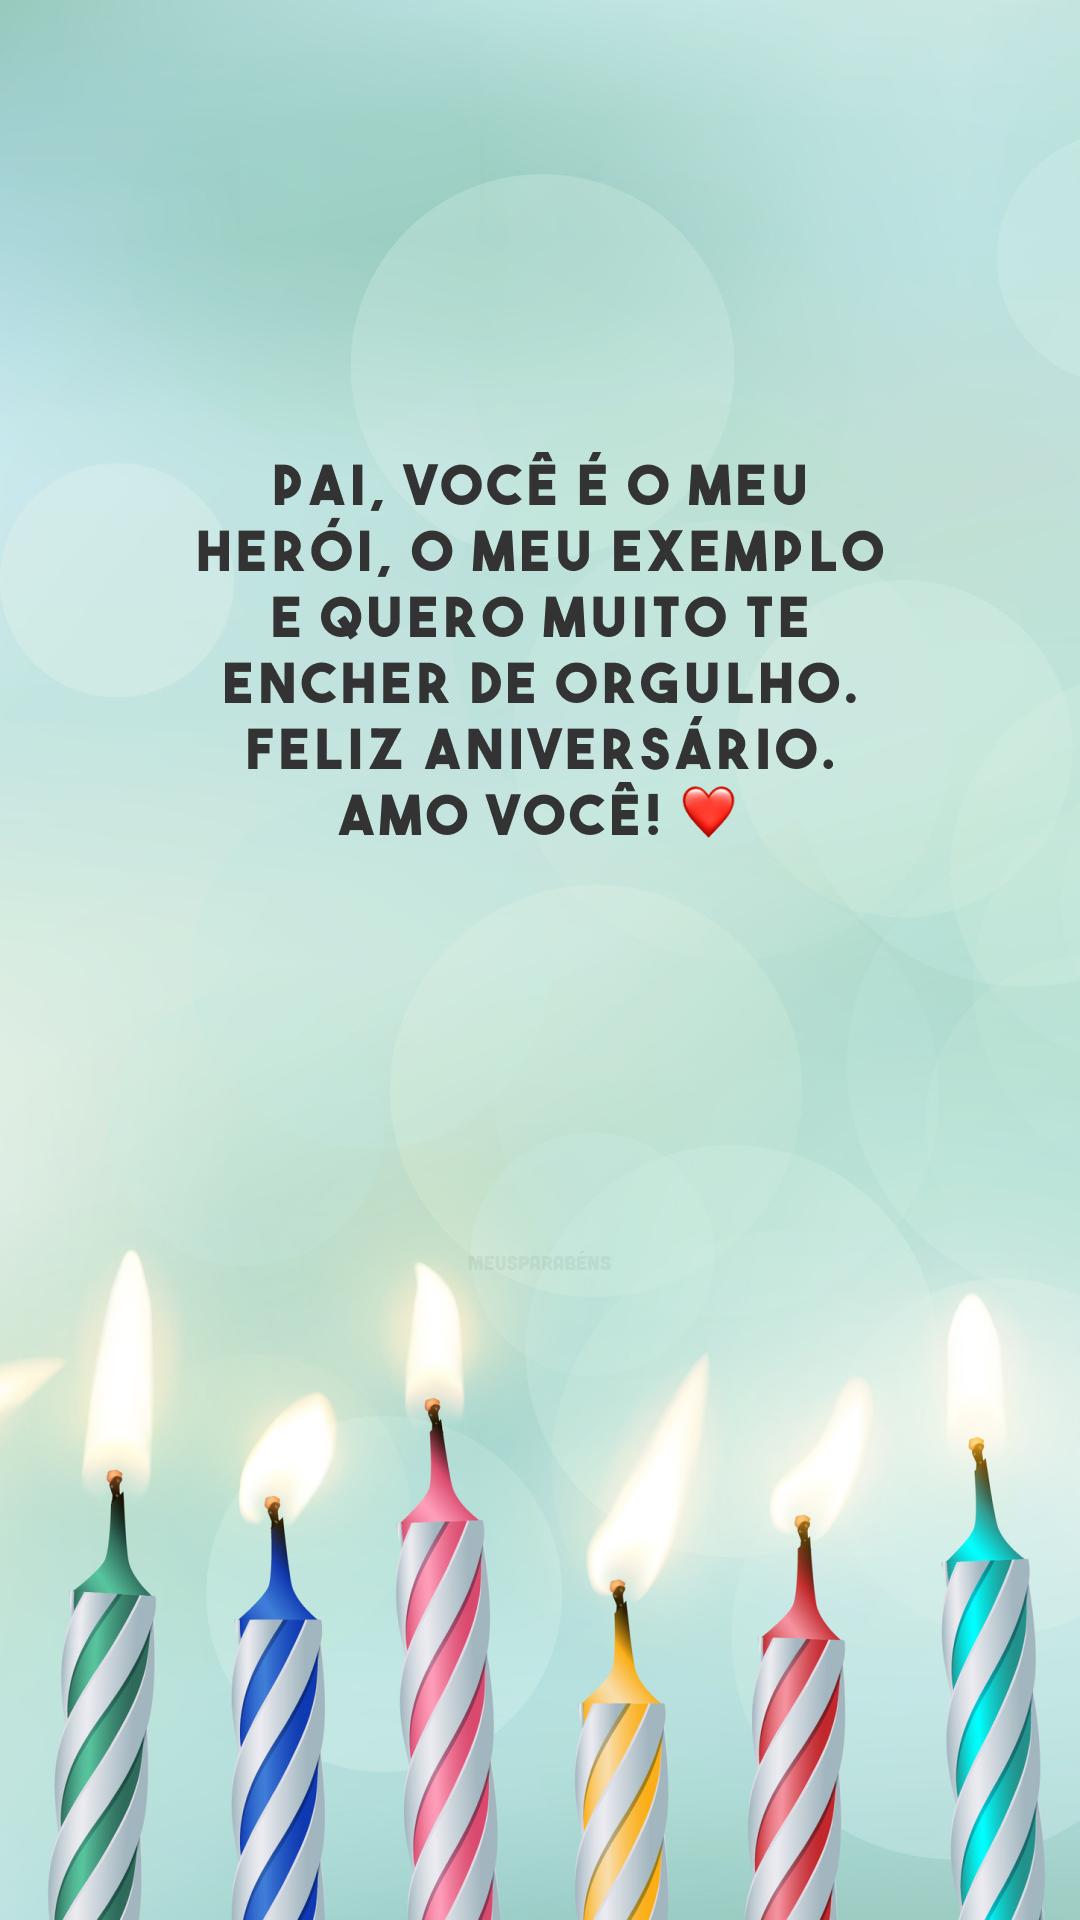 Pai, você é o meu herói, o meu exemplo e quero muito te encher de orgulho. Feliz aniversário. Amo você! ❤️